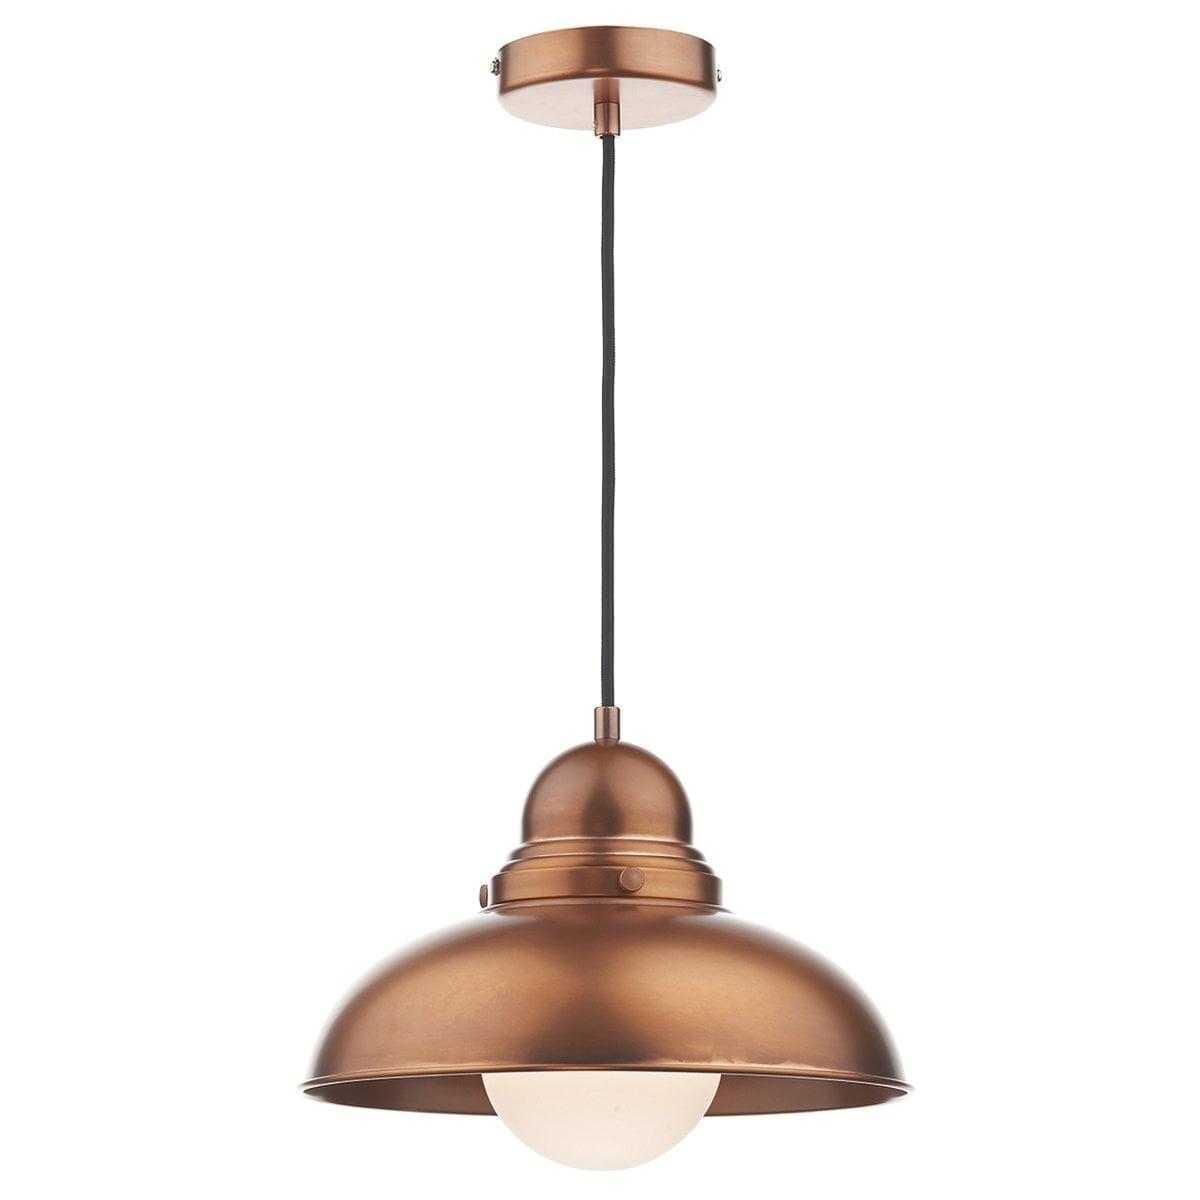 Dar DYN0164 Dynamo 1lt, Antique Copper